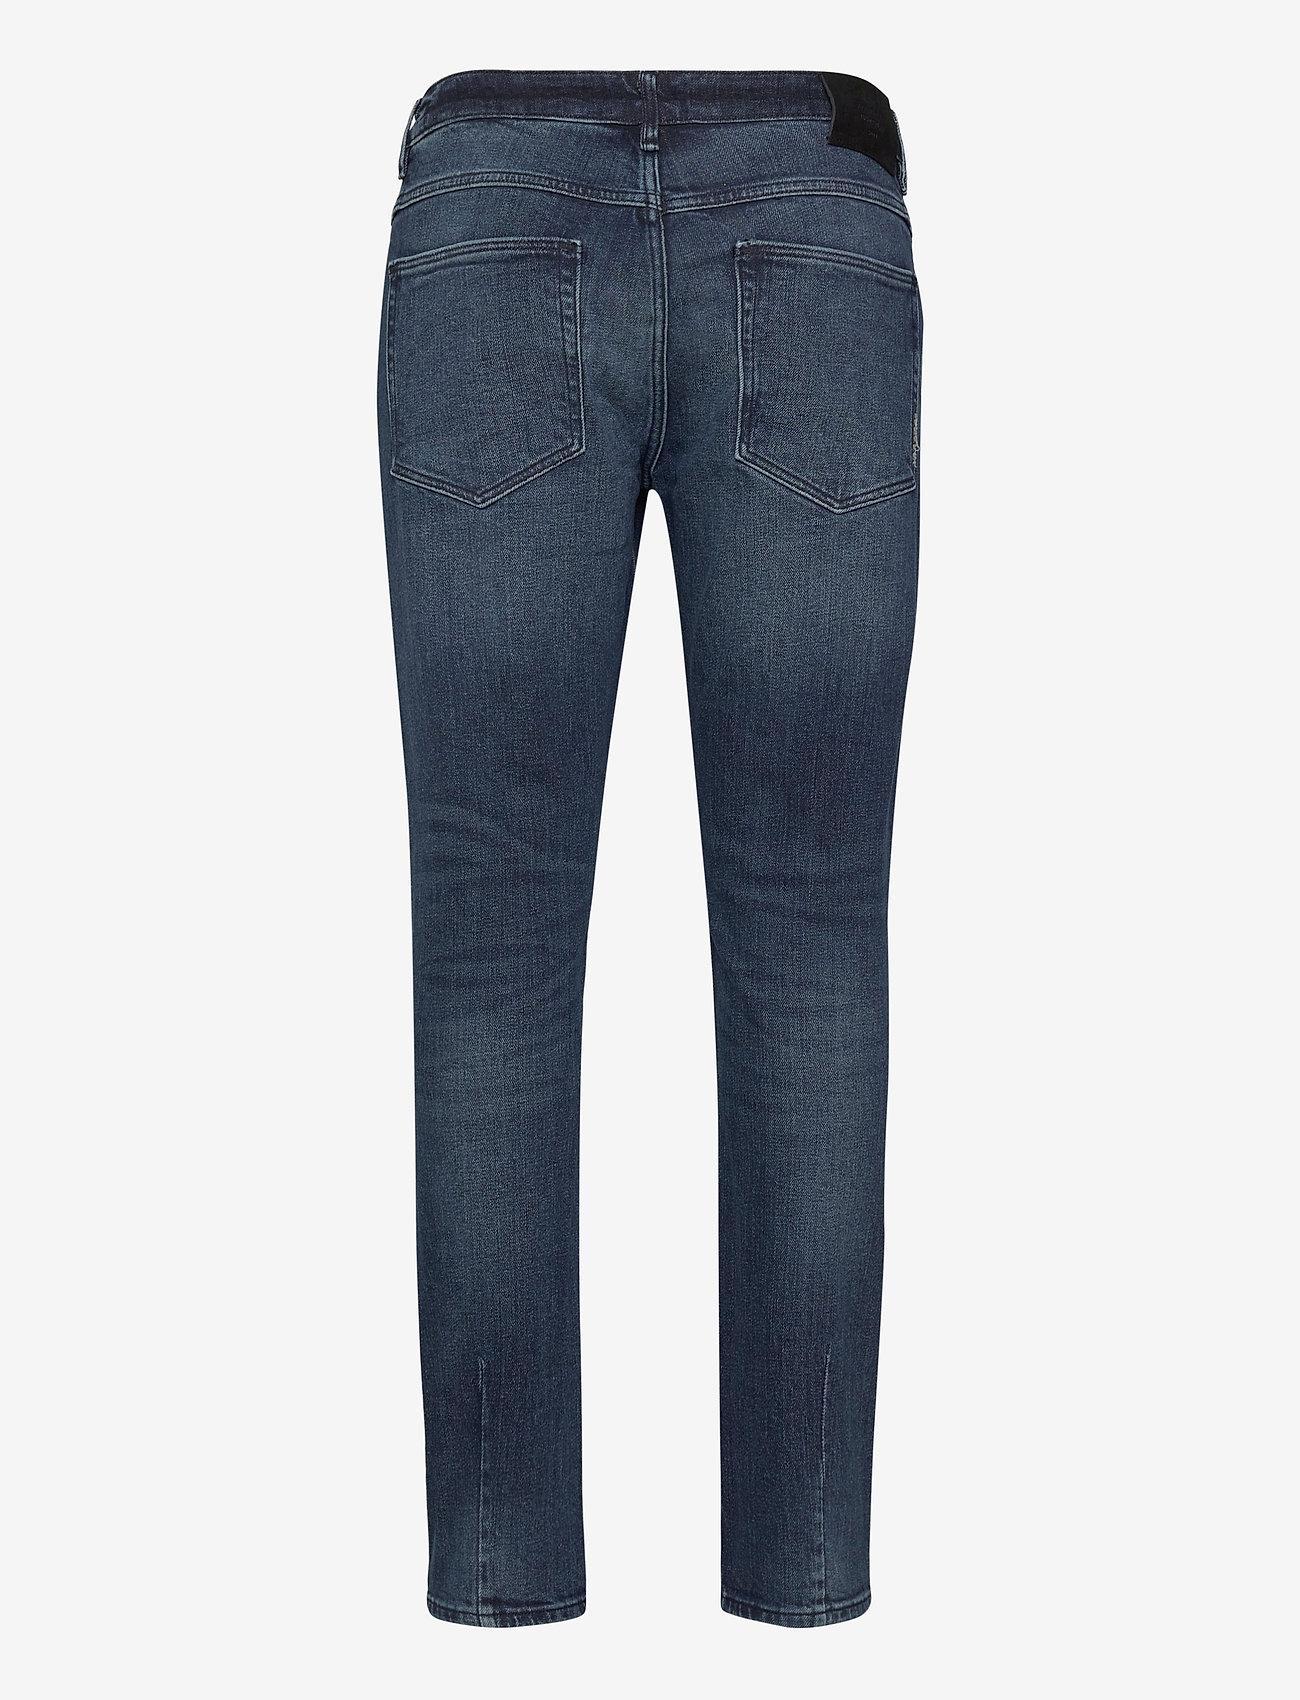 NEUW - LOU SLIM - slim jeans - architect - 1